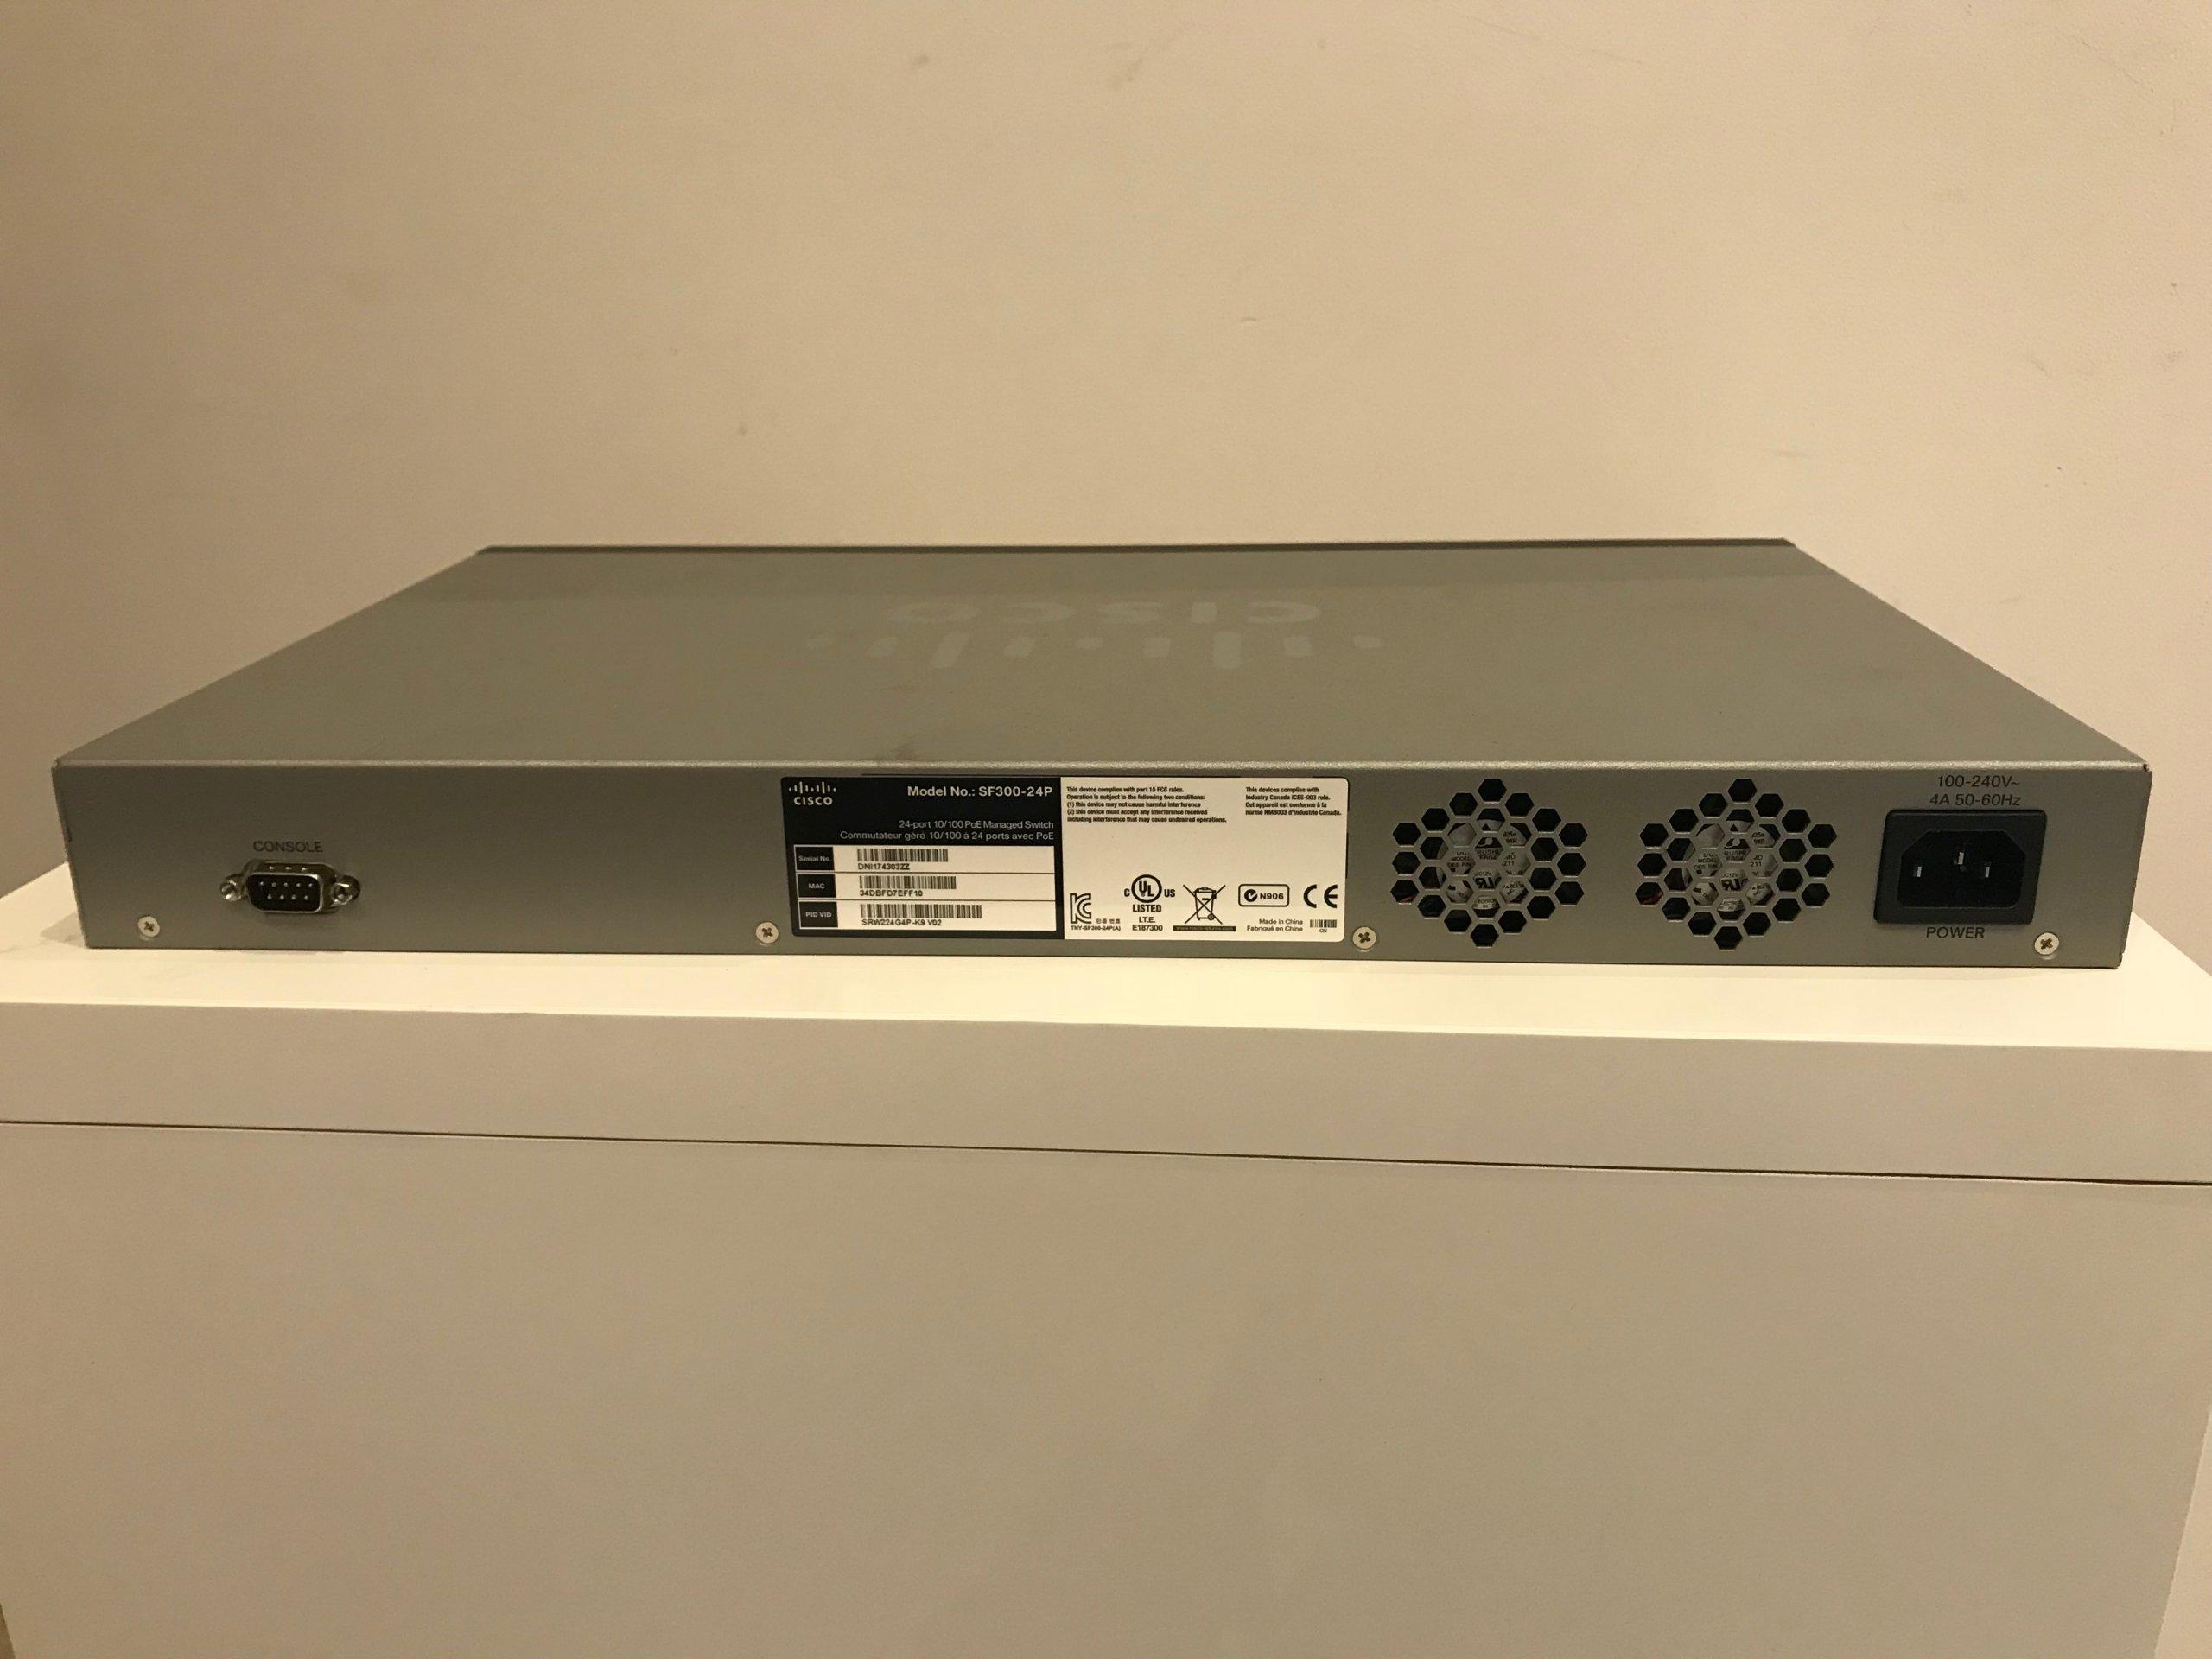 Cisco Sf300 24p 7236889913 Oficjalne Archiwum Allegro 8 Port 10 100 Poe Managed Switch Sf302 08pp K9 Eu